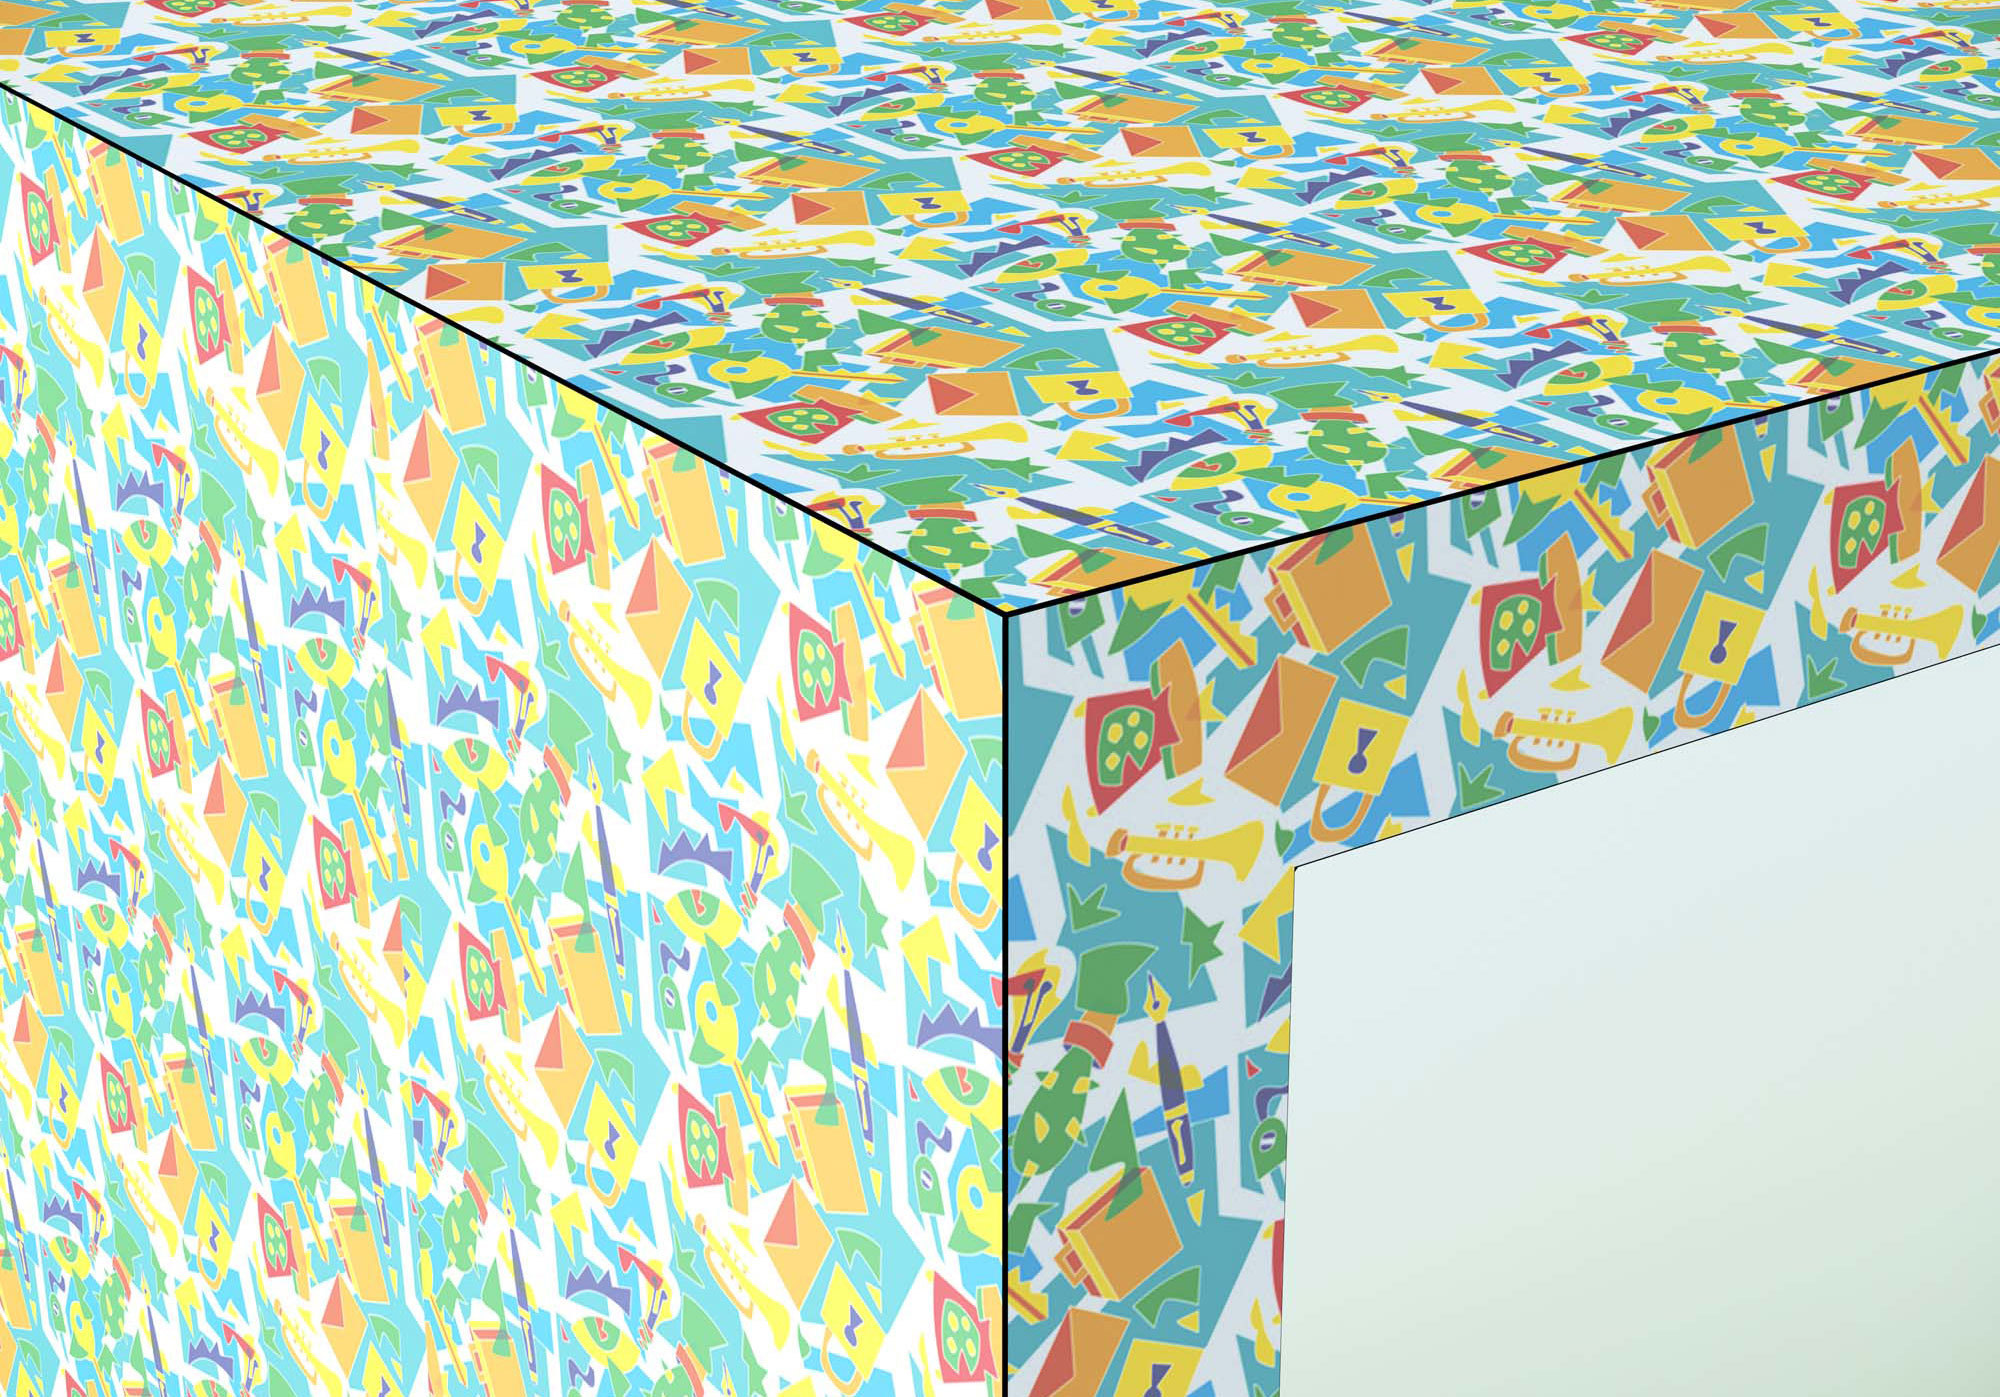 Tisch Febo von Ugo Nespolo, Foto: De Rosso